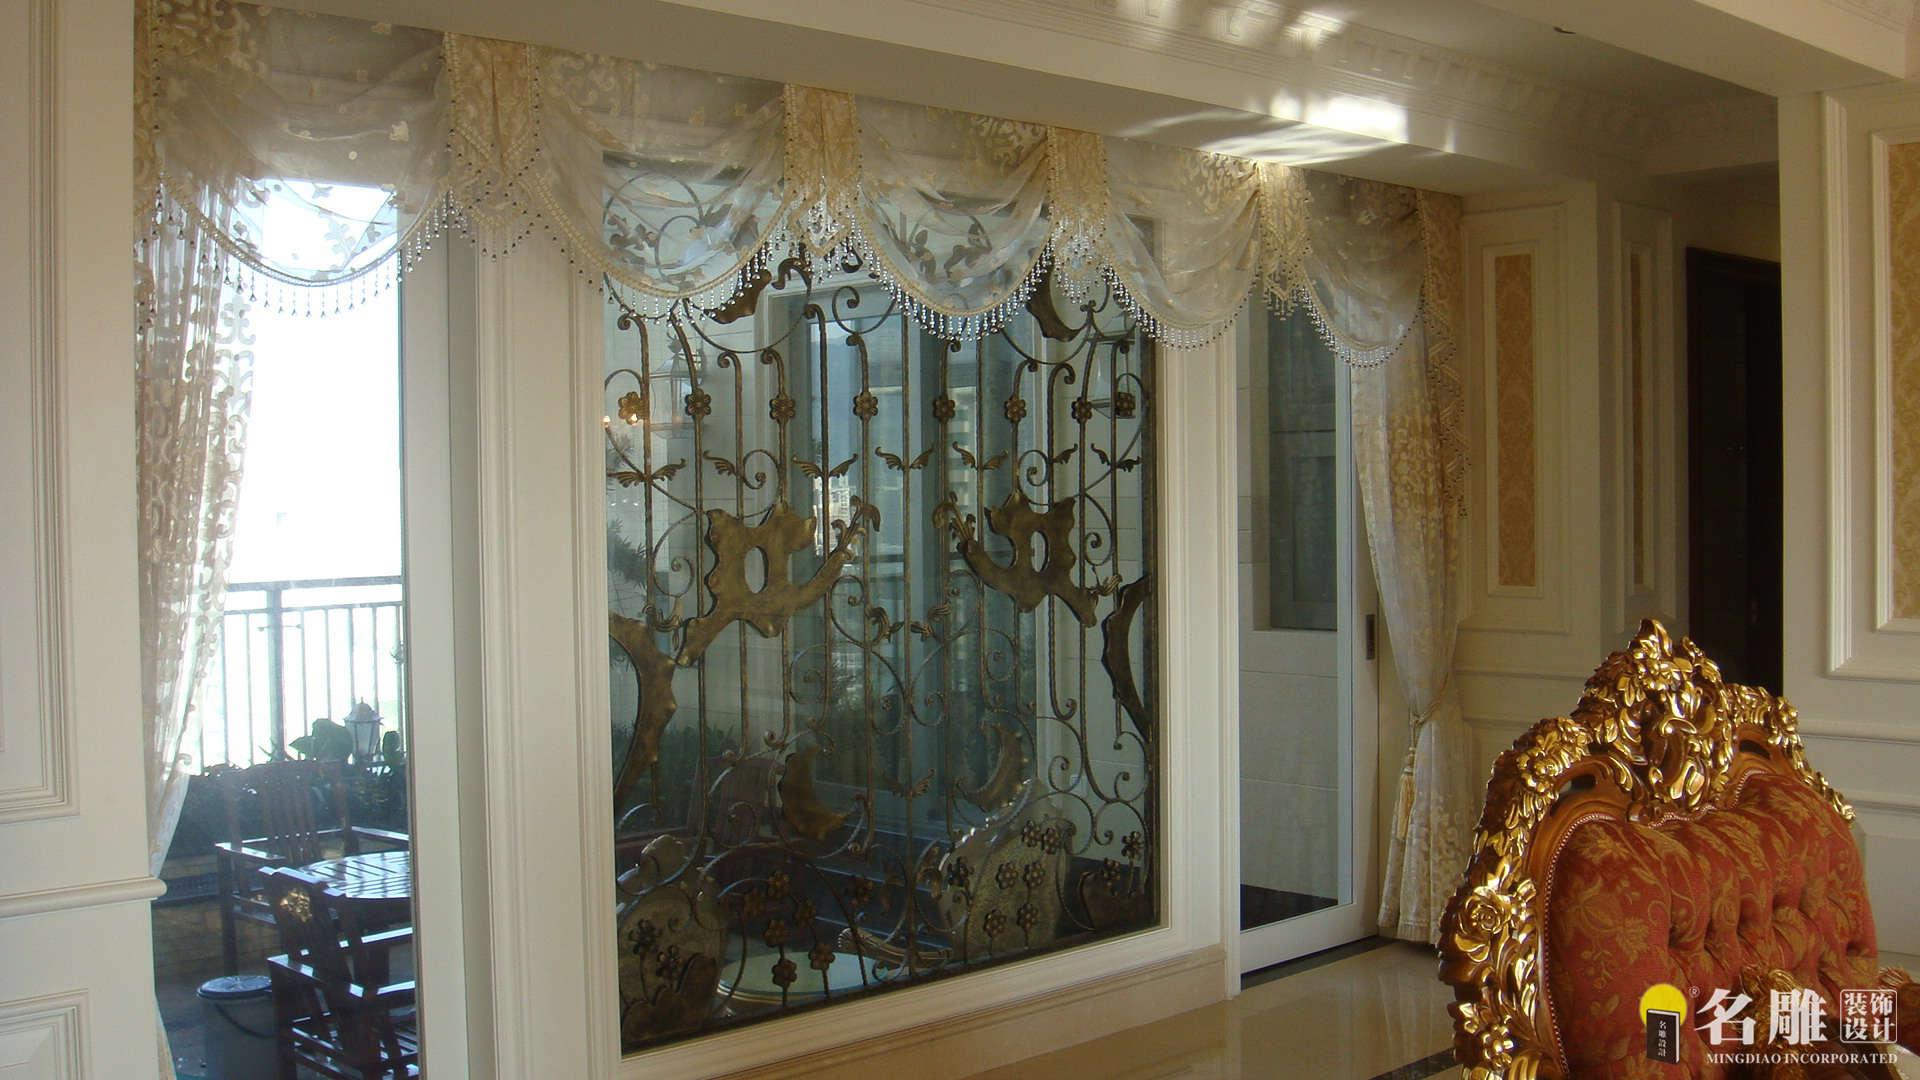 欧式 四居室 香蜜湖一号 高富帅 暖色调装饰 名雕装饰 其他图片来自名雕装饰设计在香蜜湖一号华皓阁欧式奢华空间的分享